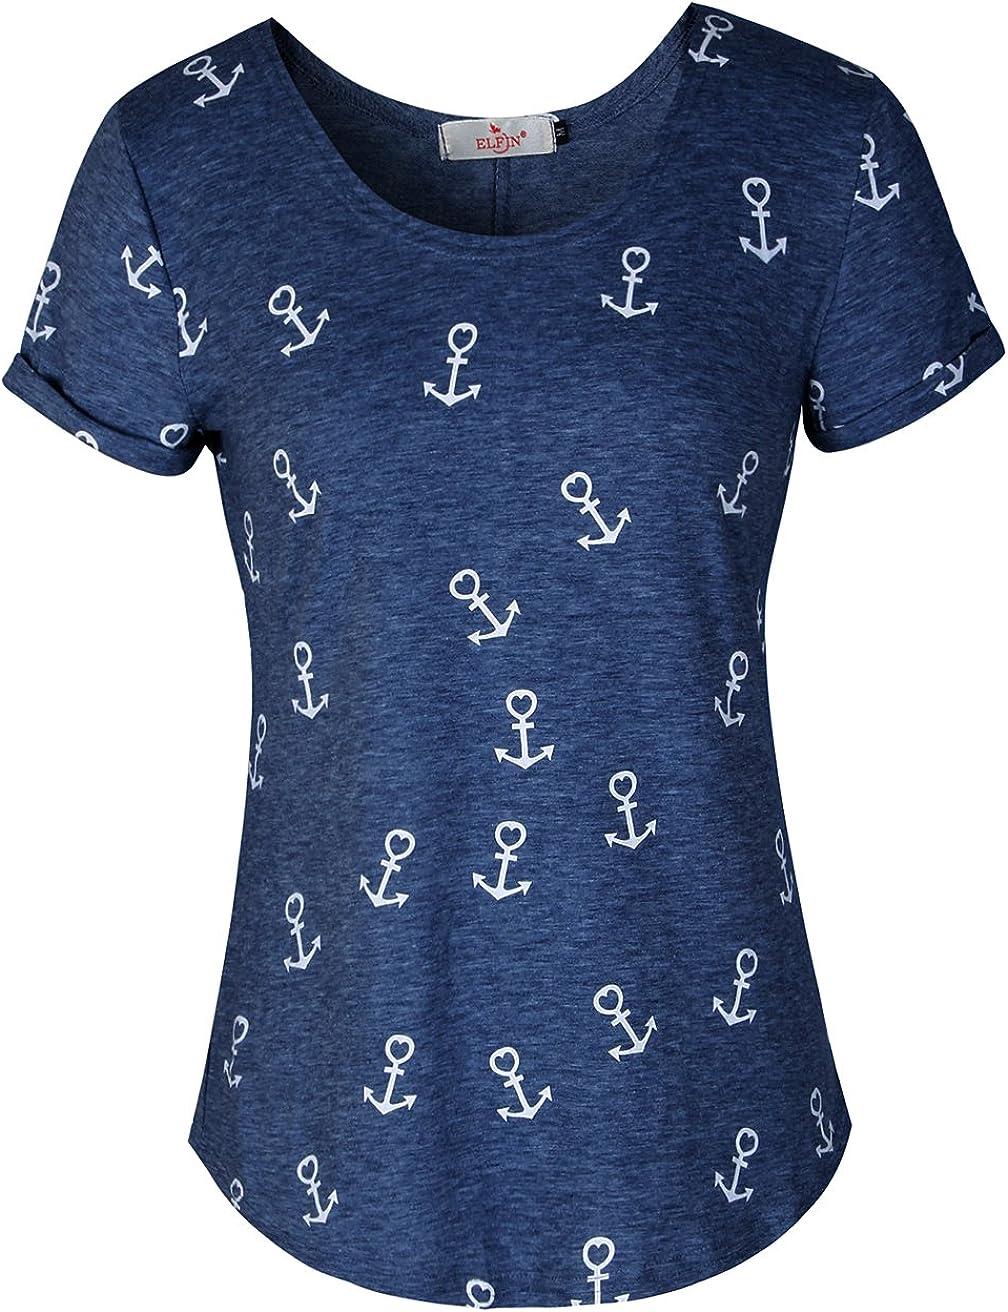 sehr angenehm zu Tragen leicht und luftig ELFIN Damen T-Shirt Top mit Anker Druck Rundhals Kurzarm Ladies Sommer Shirt Anker Sailing Tee Allover Print